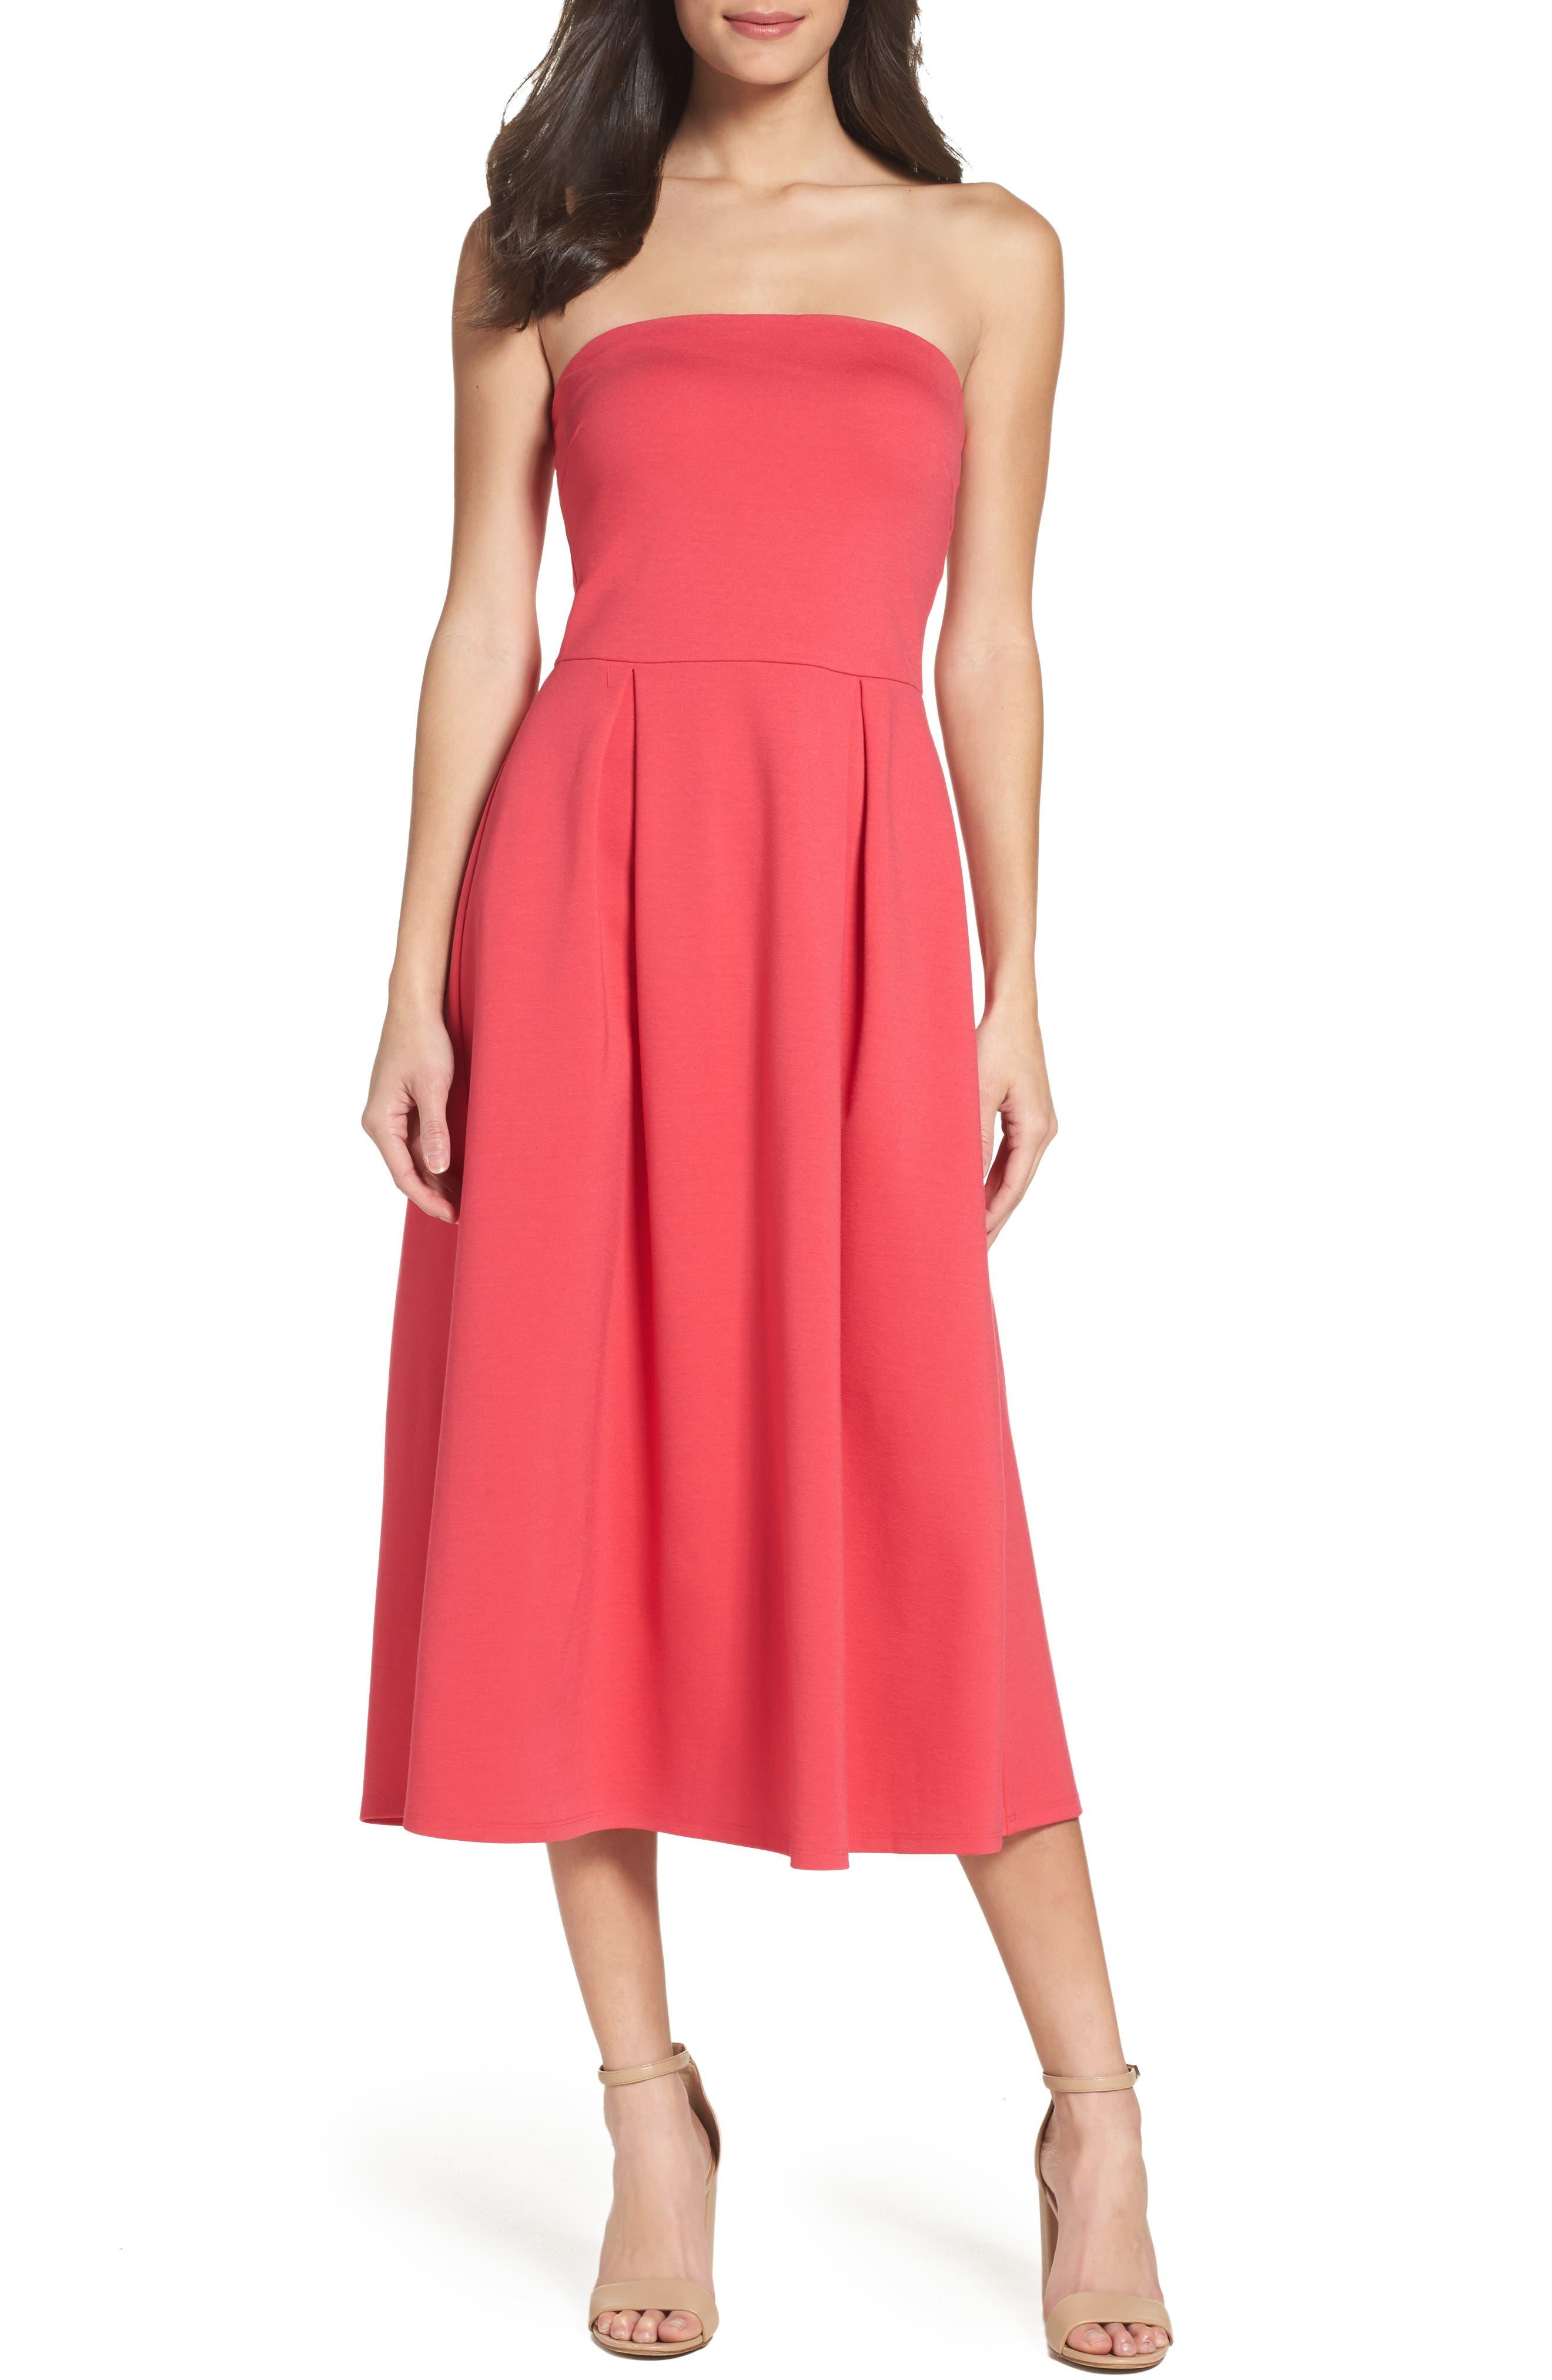 Alternate Image 1 Selected - Charles Henry Strapless Midi Dress